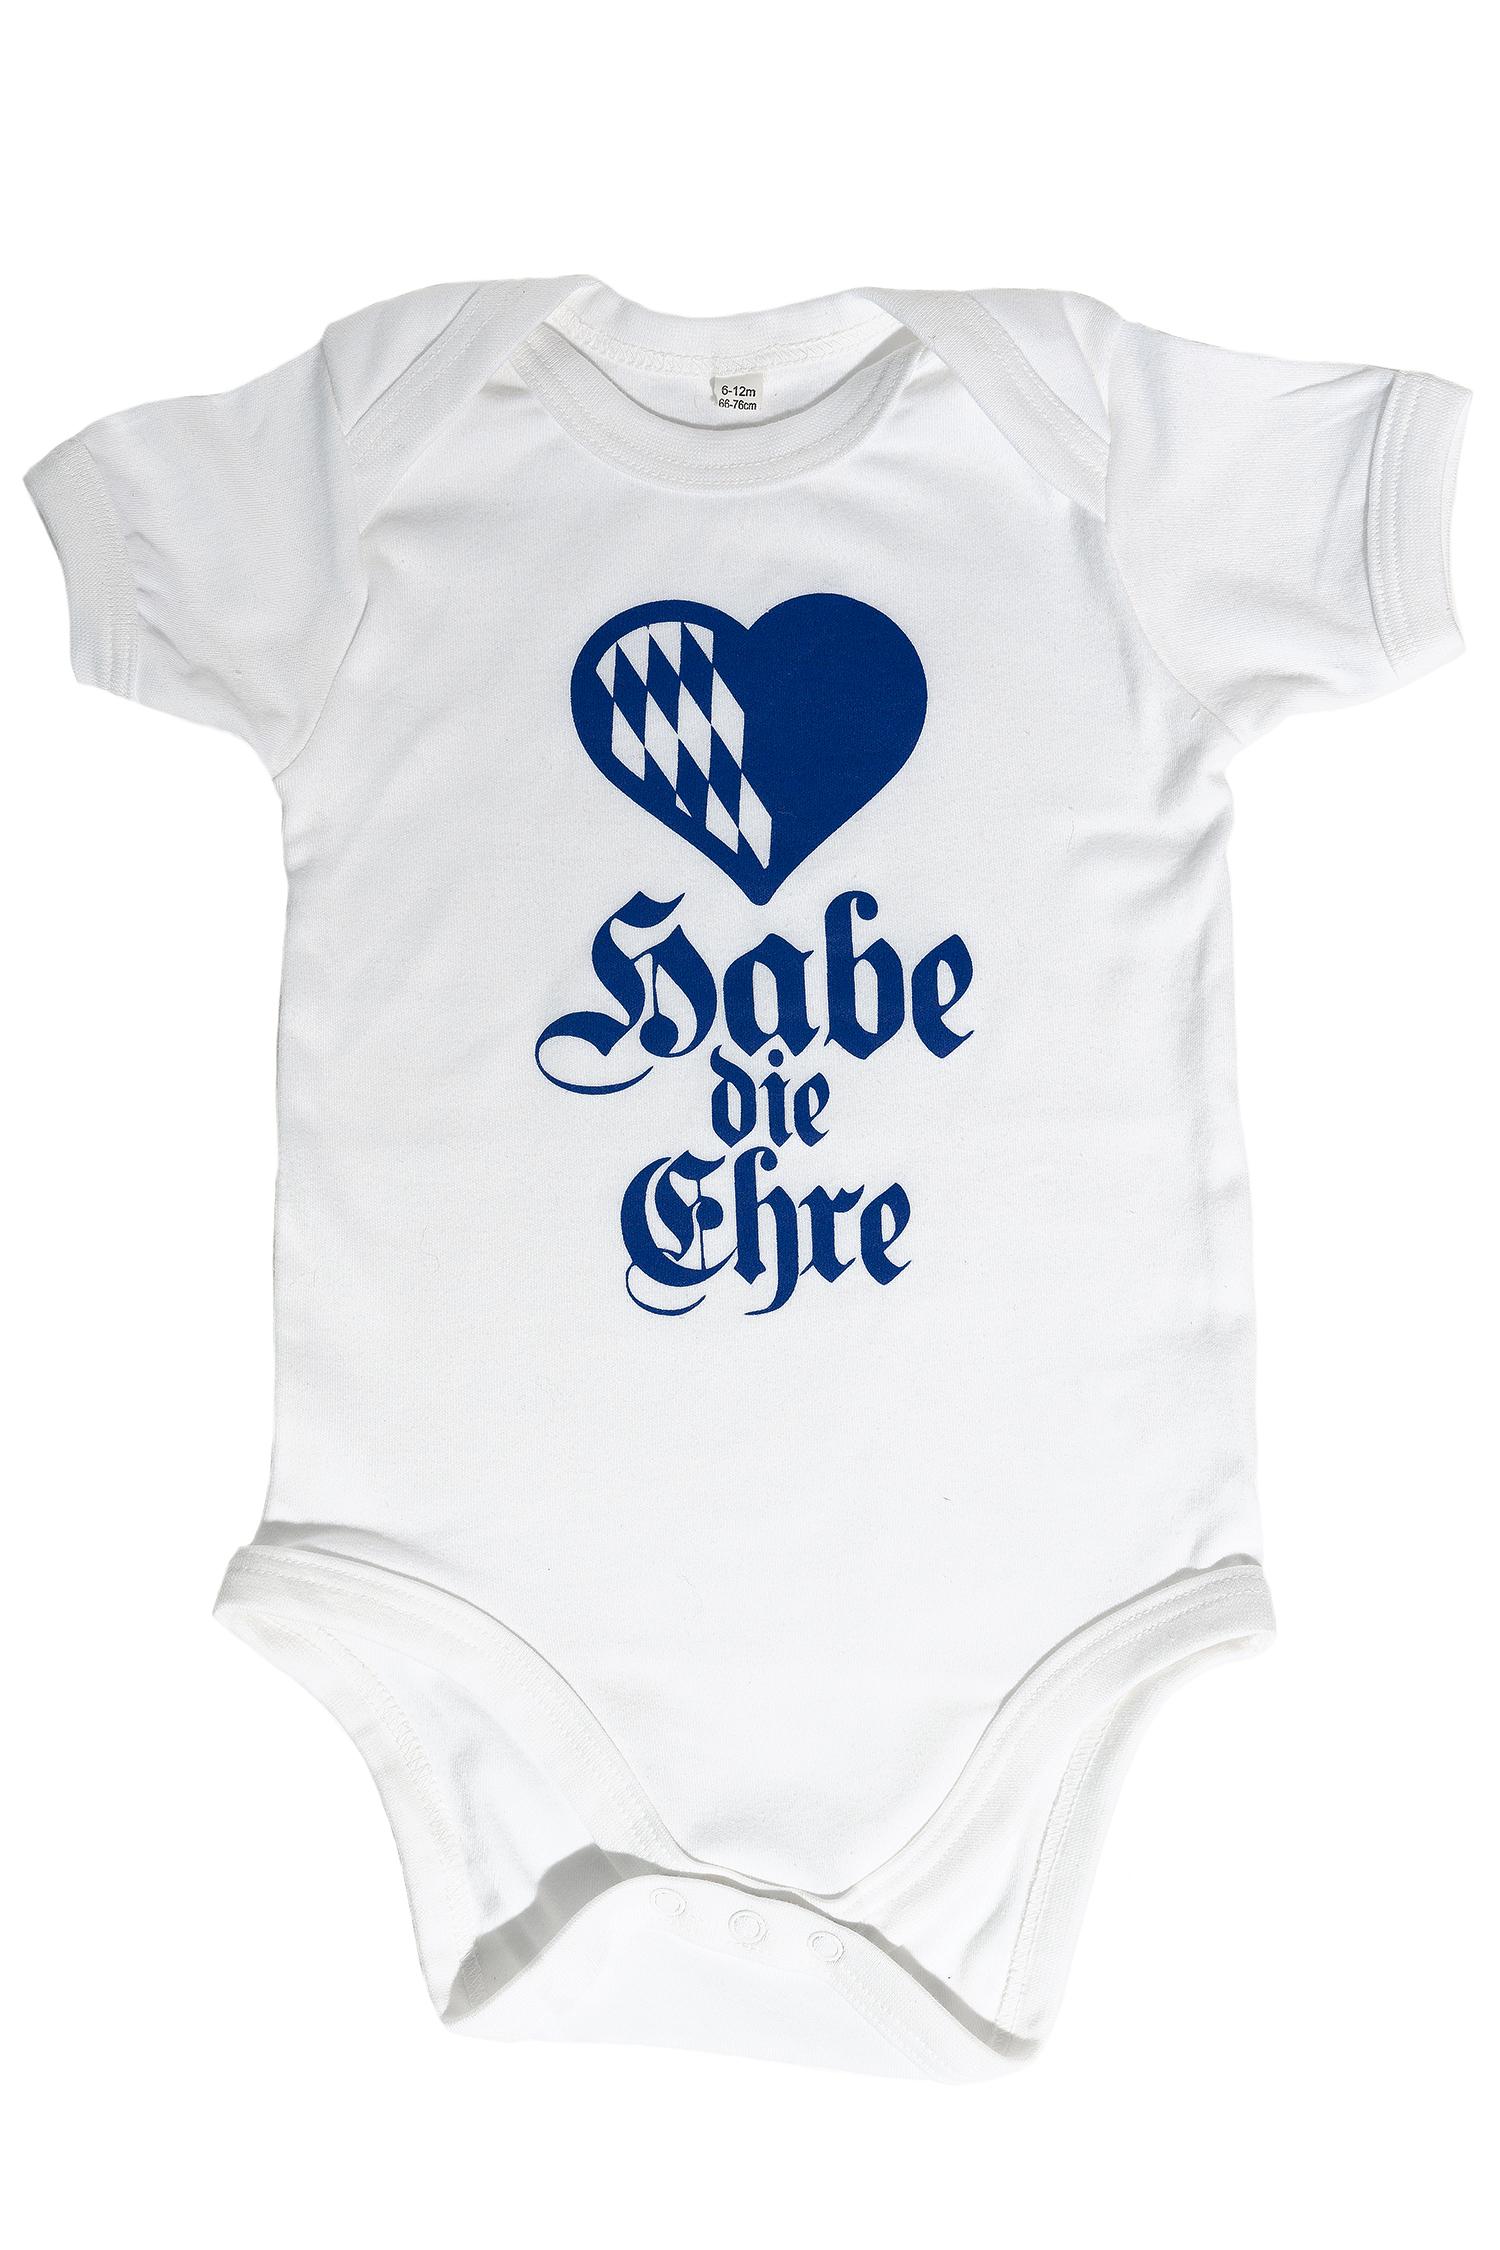 Babybody Habe die Ehre 0-3 mo | white